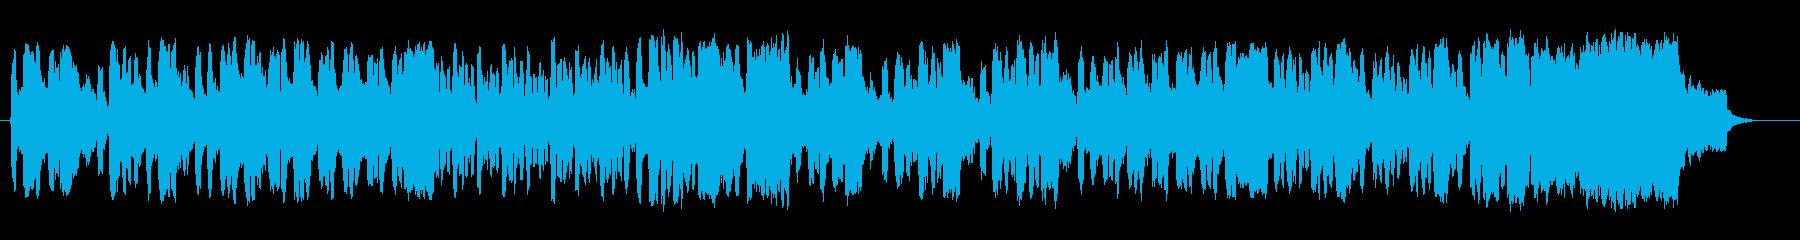 木管楽器が奏でるほのぼのアンサンブルの再生済みの波形